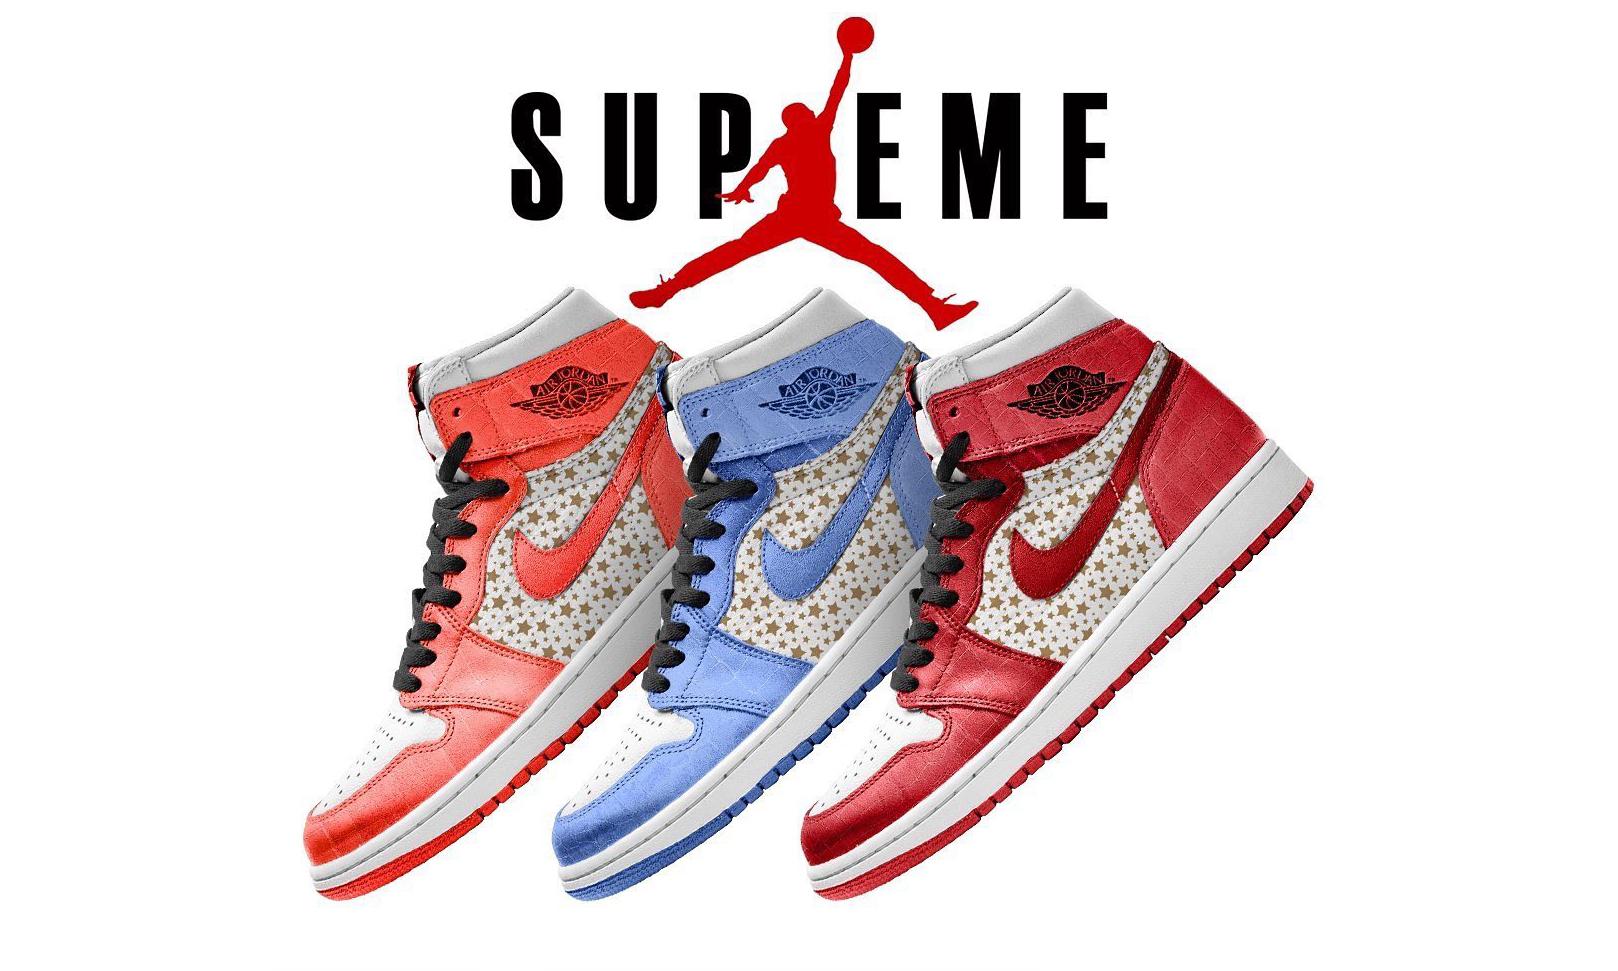 Supreme x Air Jordan I 联名或将于 2021 年登场